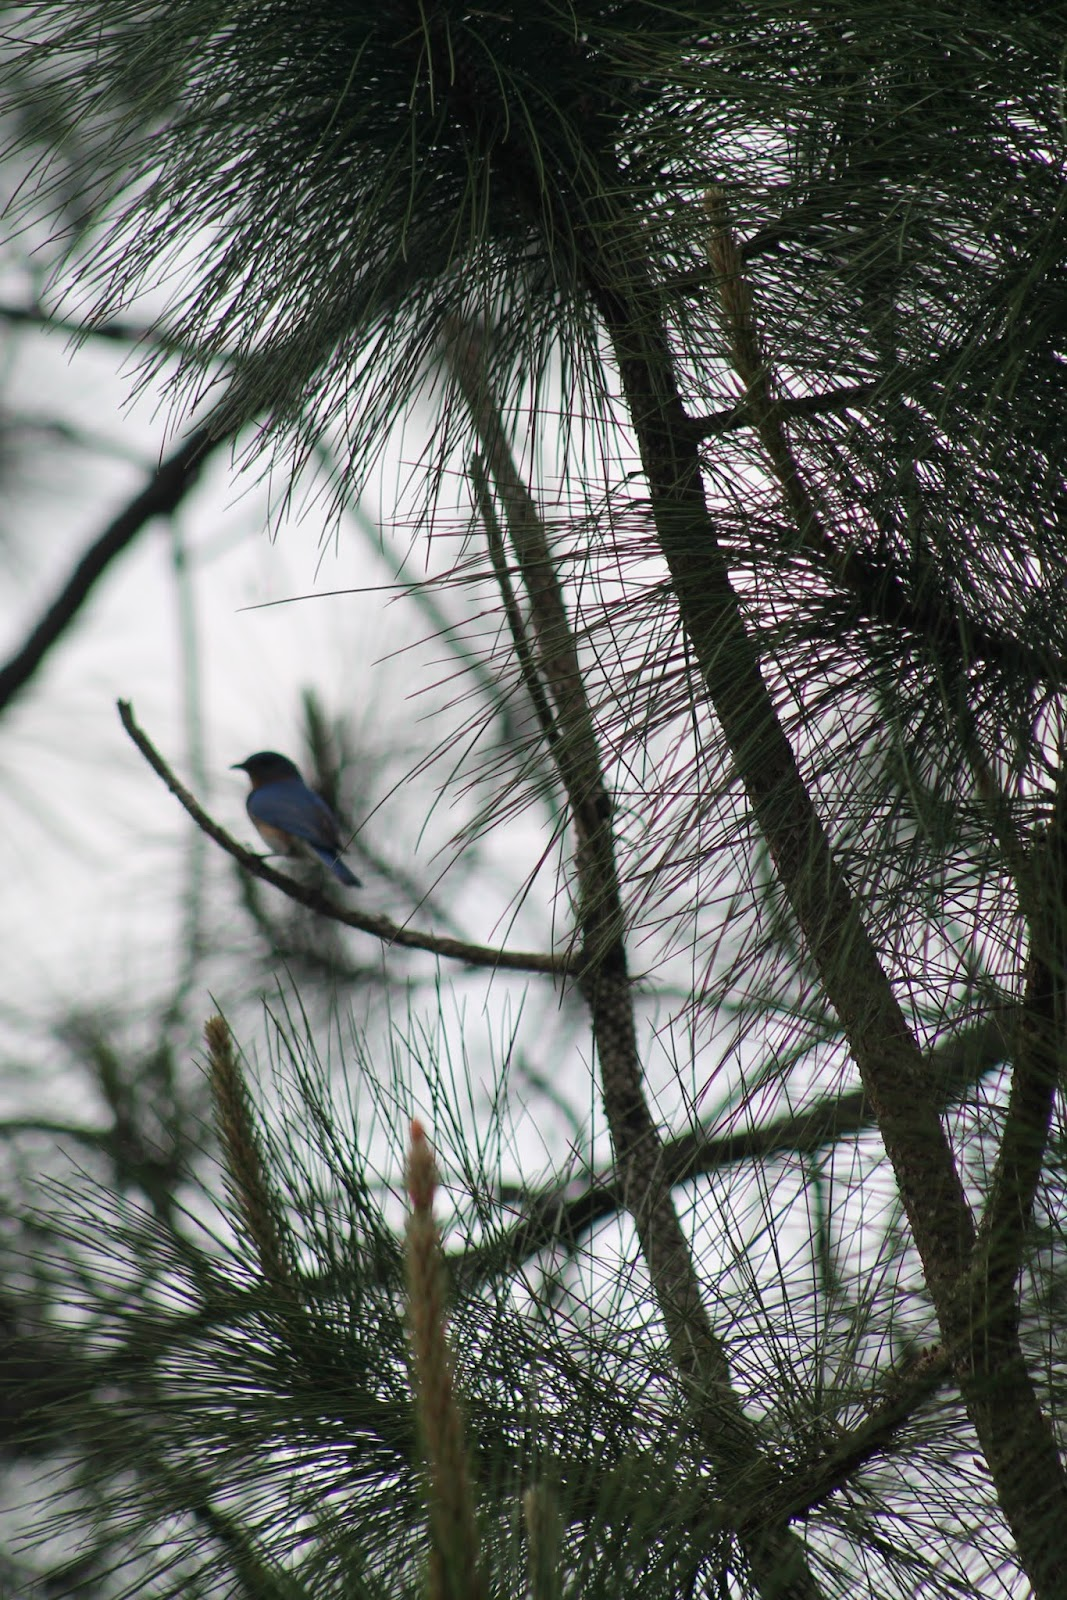 Aves y detalles del camino